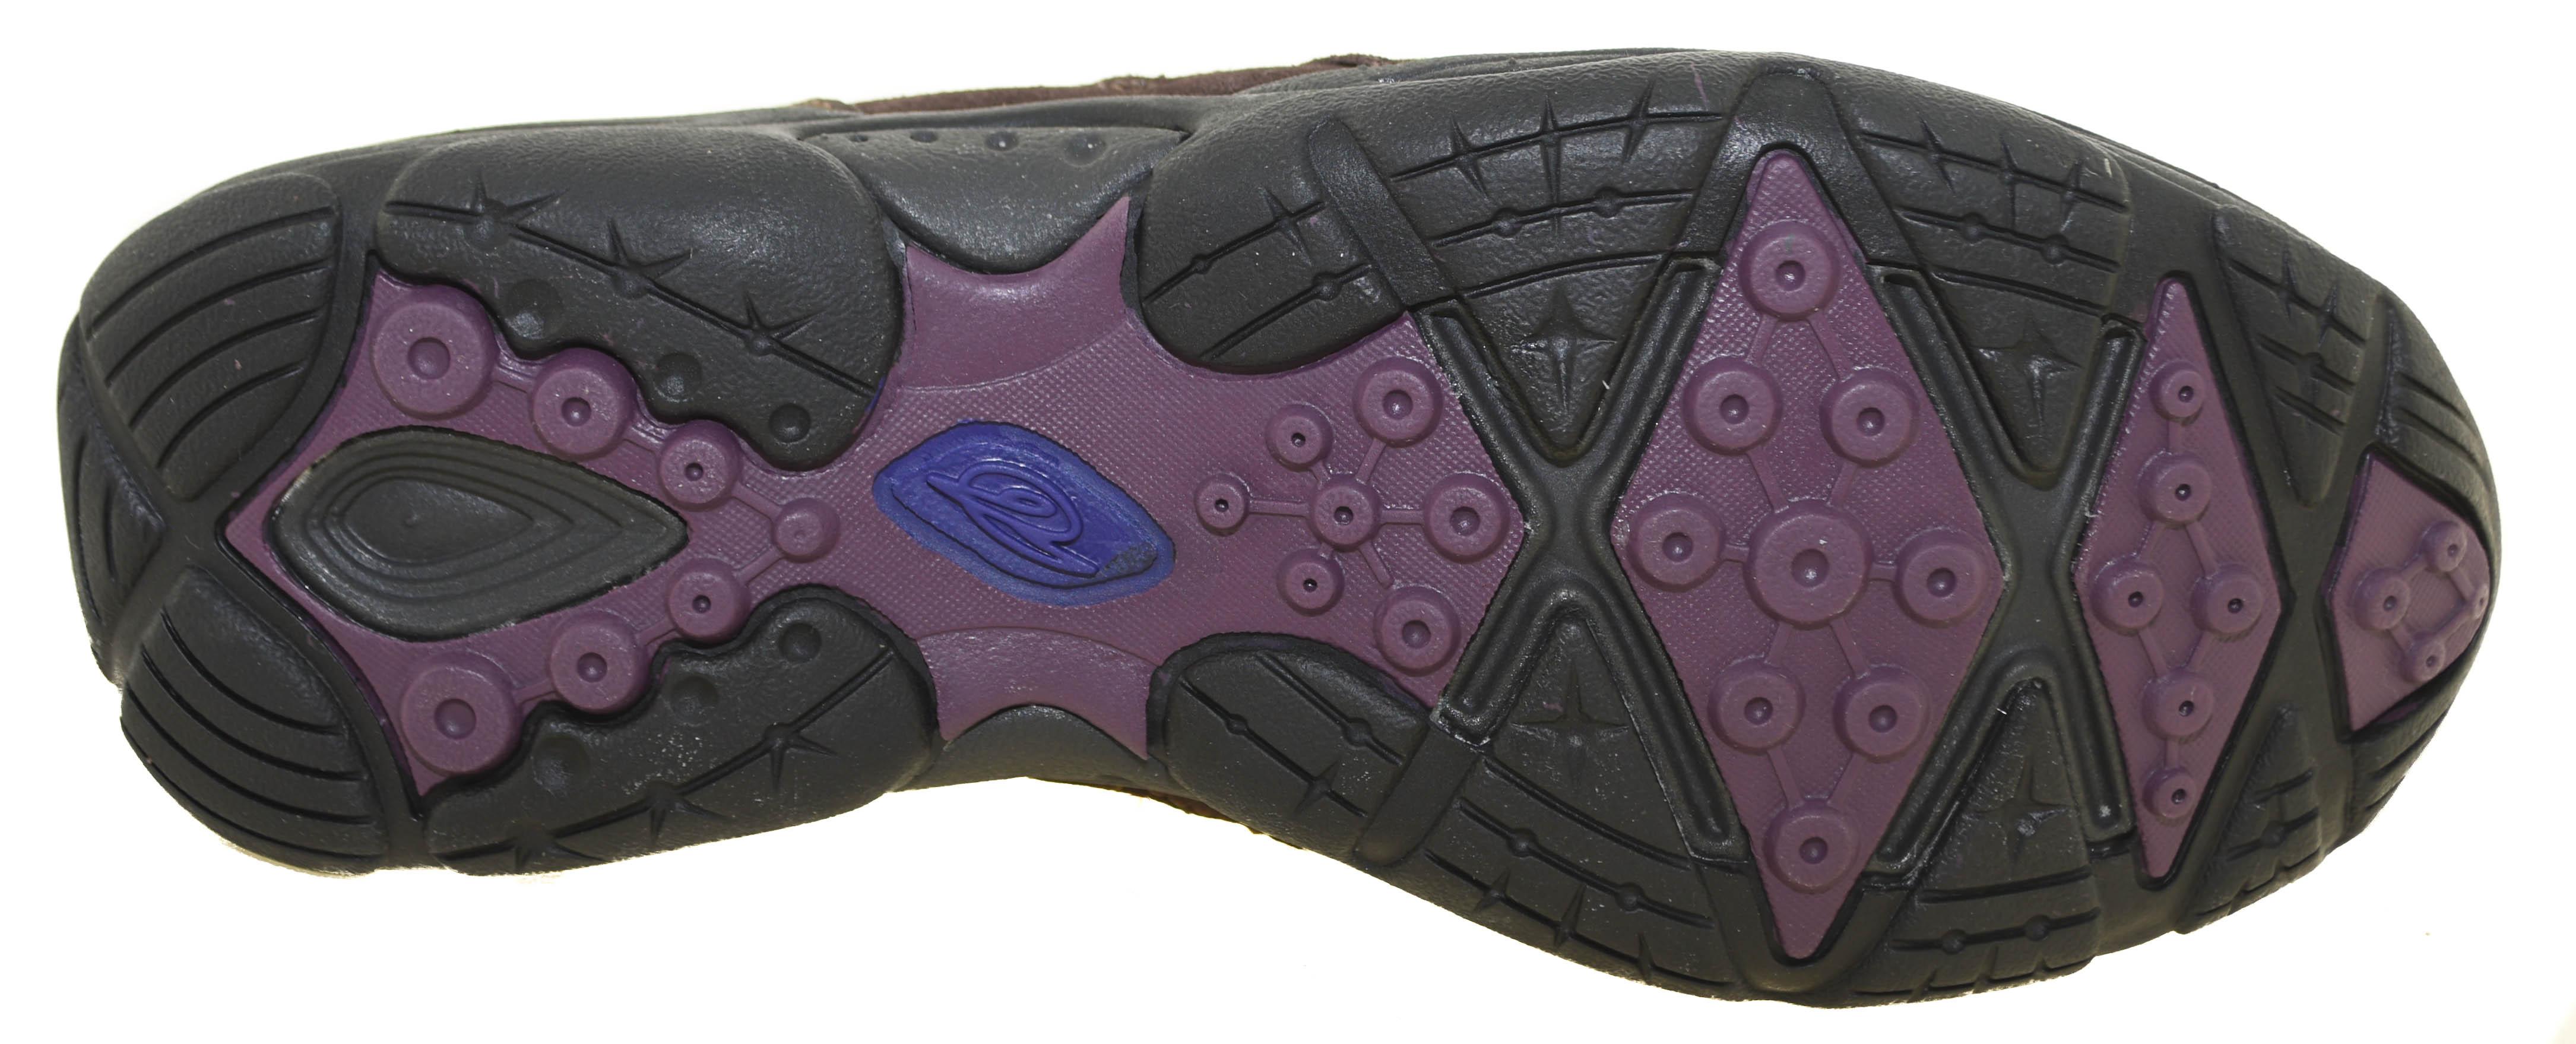 143d7bb50ef Easy Spirit Women s Excellite Boots Dark Brown Style 25013243